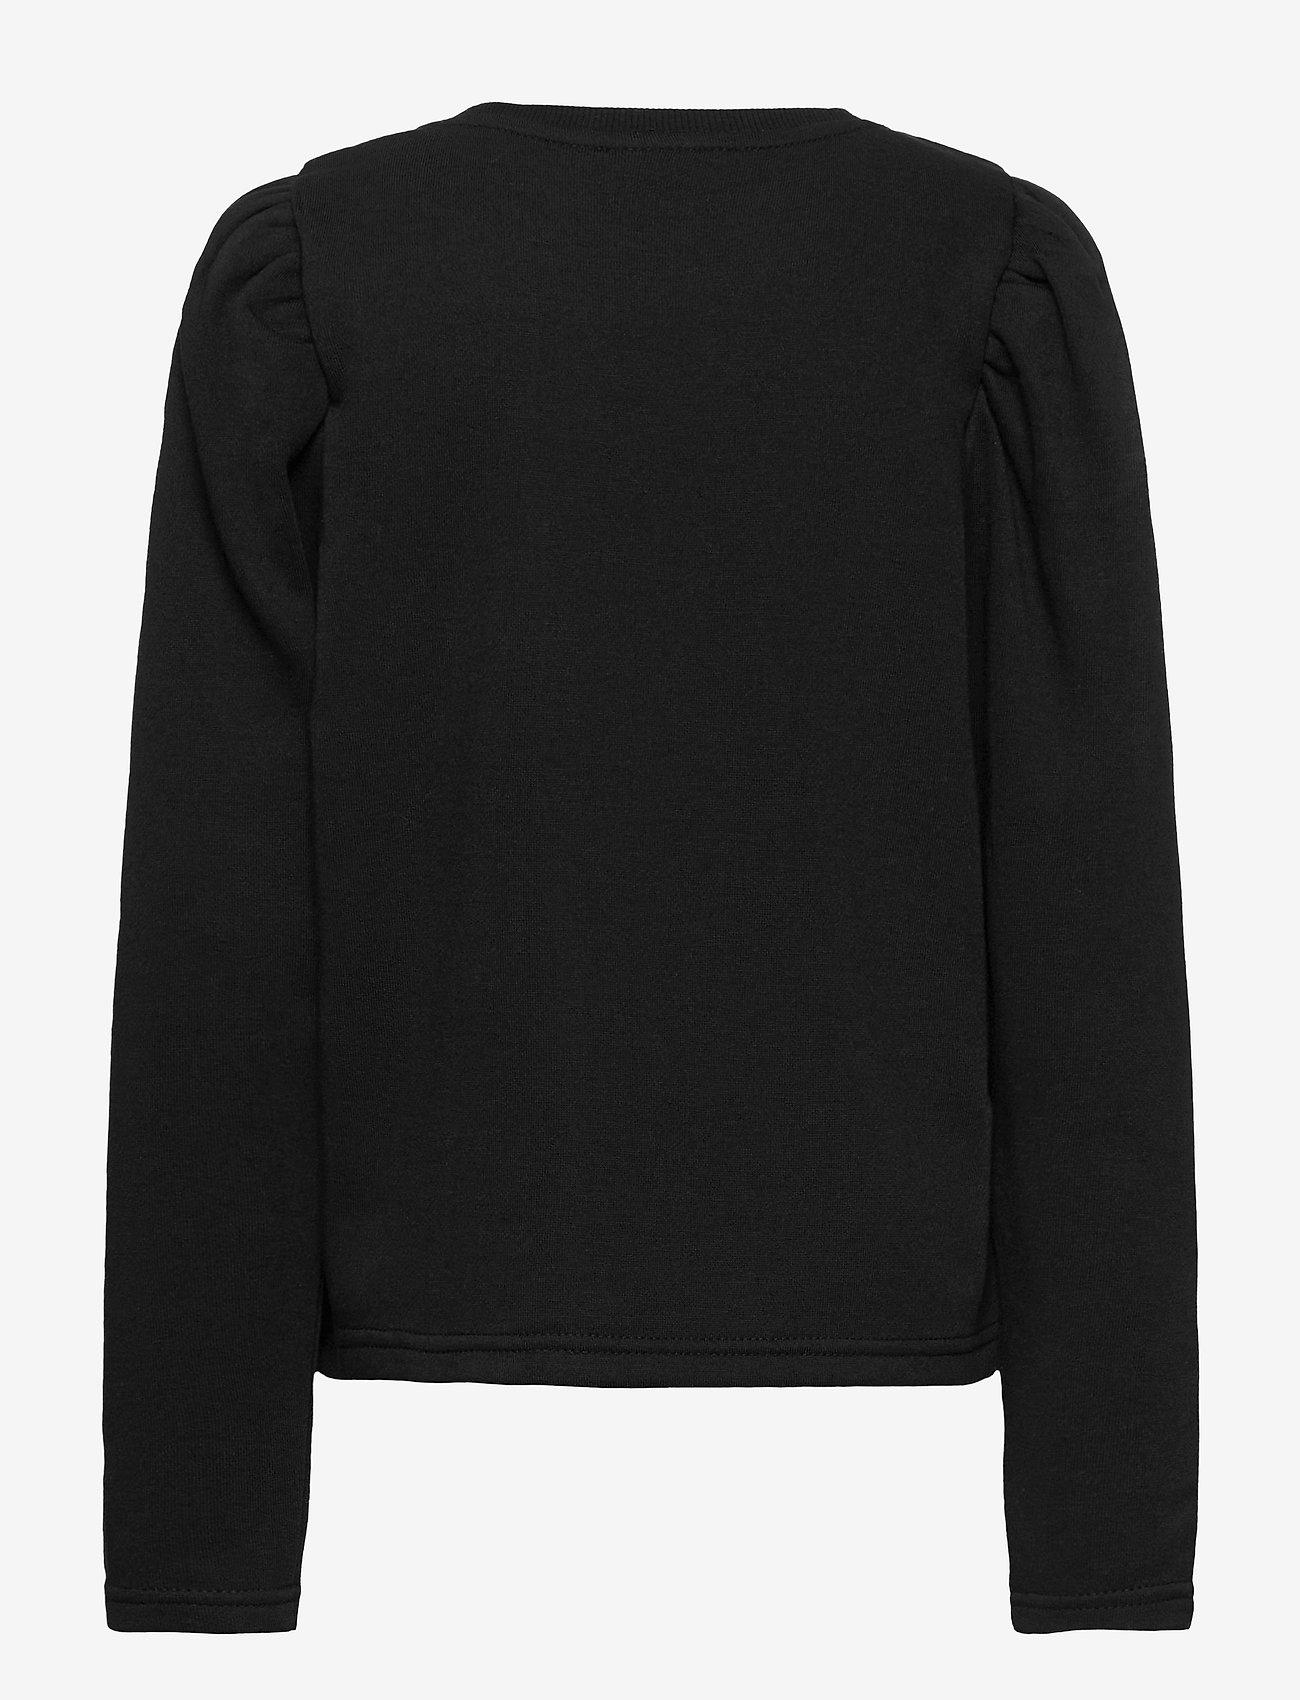 LMTD - NLFTINKER LS SWEAT - sweatshirts - black - 1